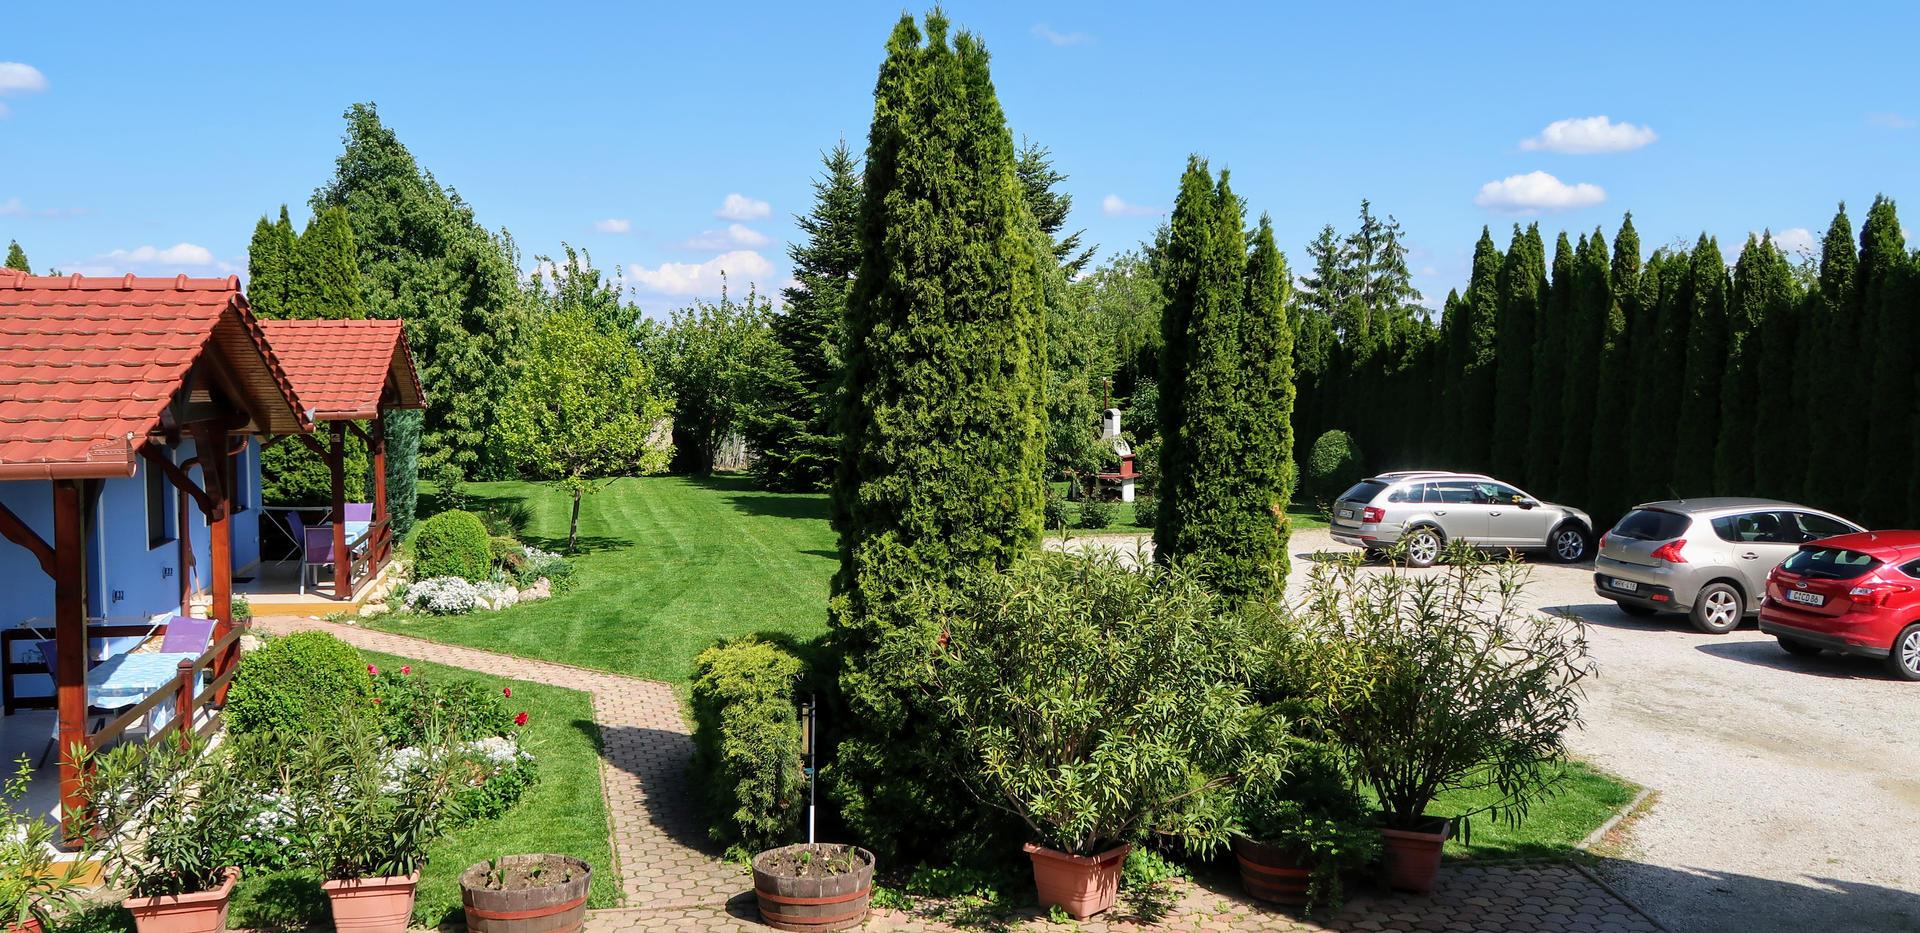 1-es, 2-es, 3-as házak kert